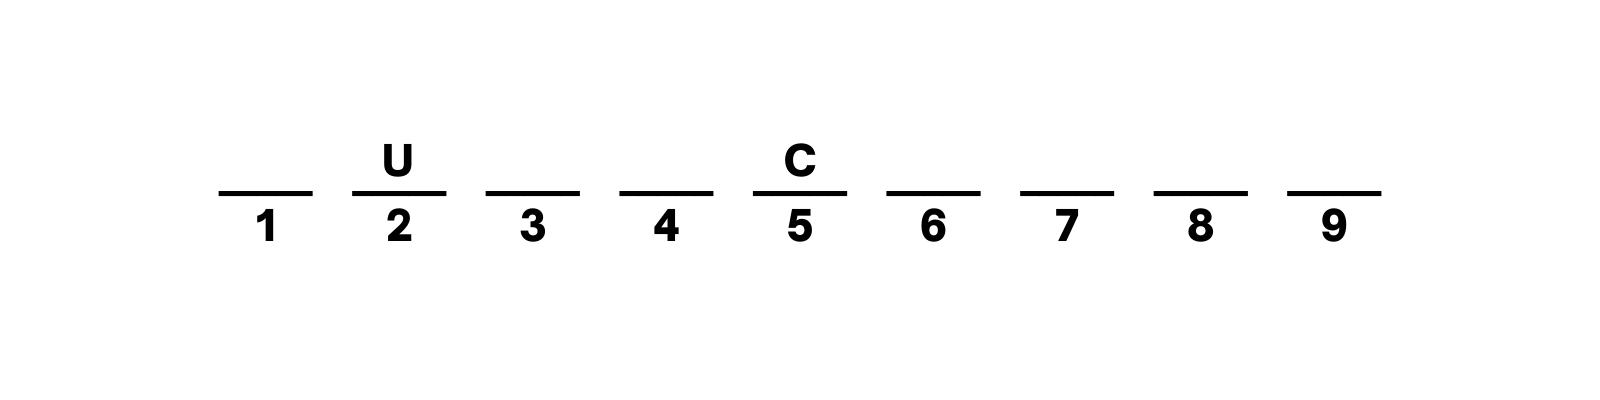 U in spot 2 and C in spot 5